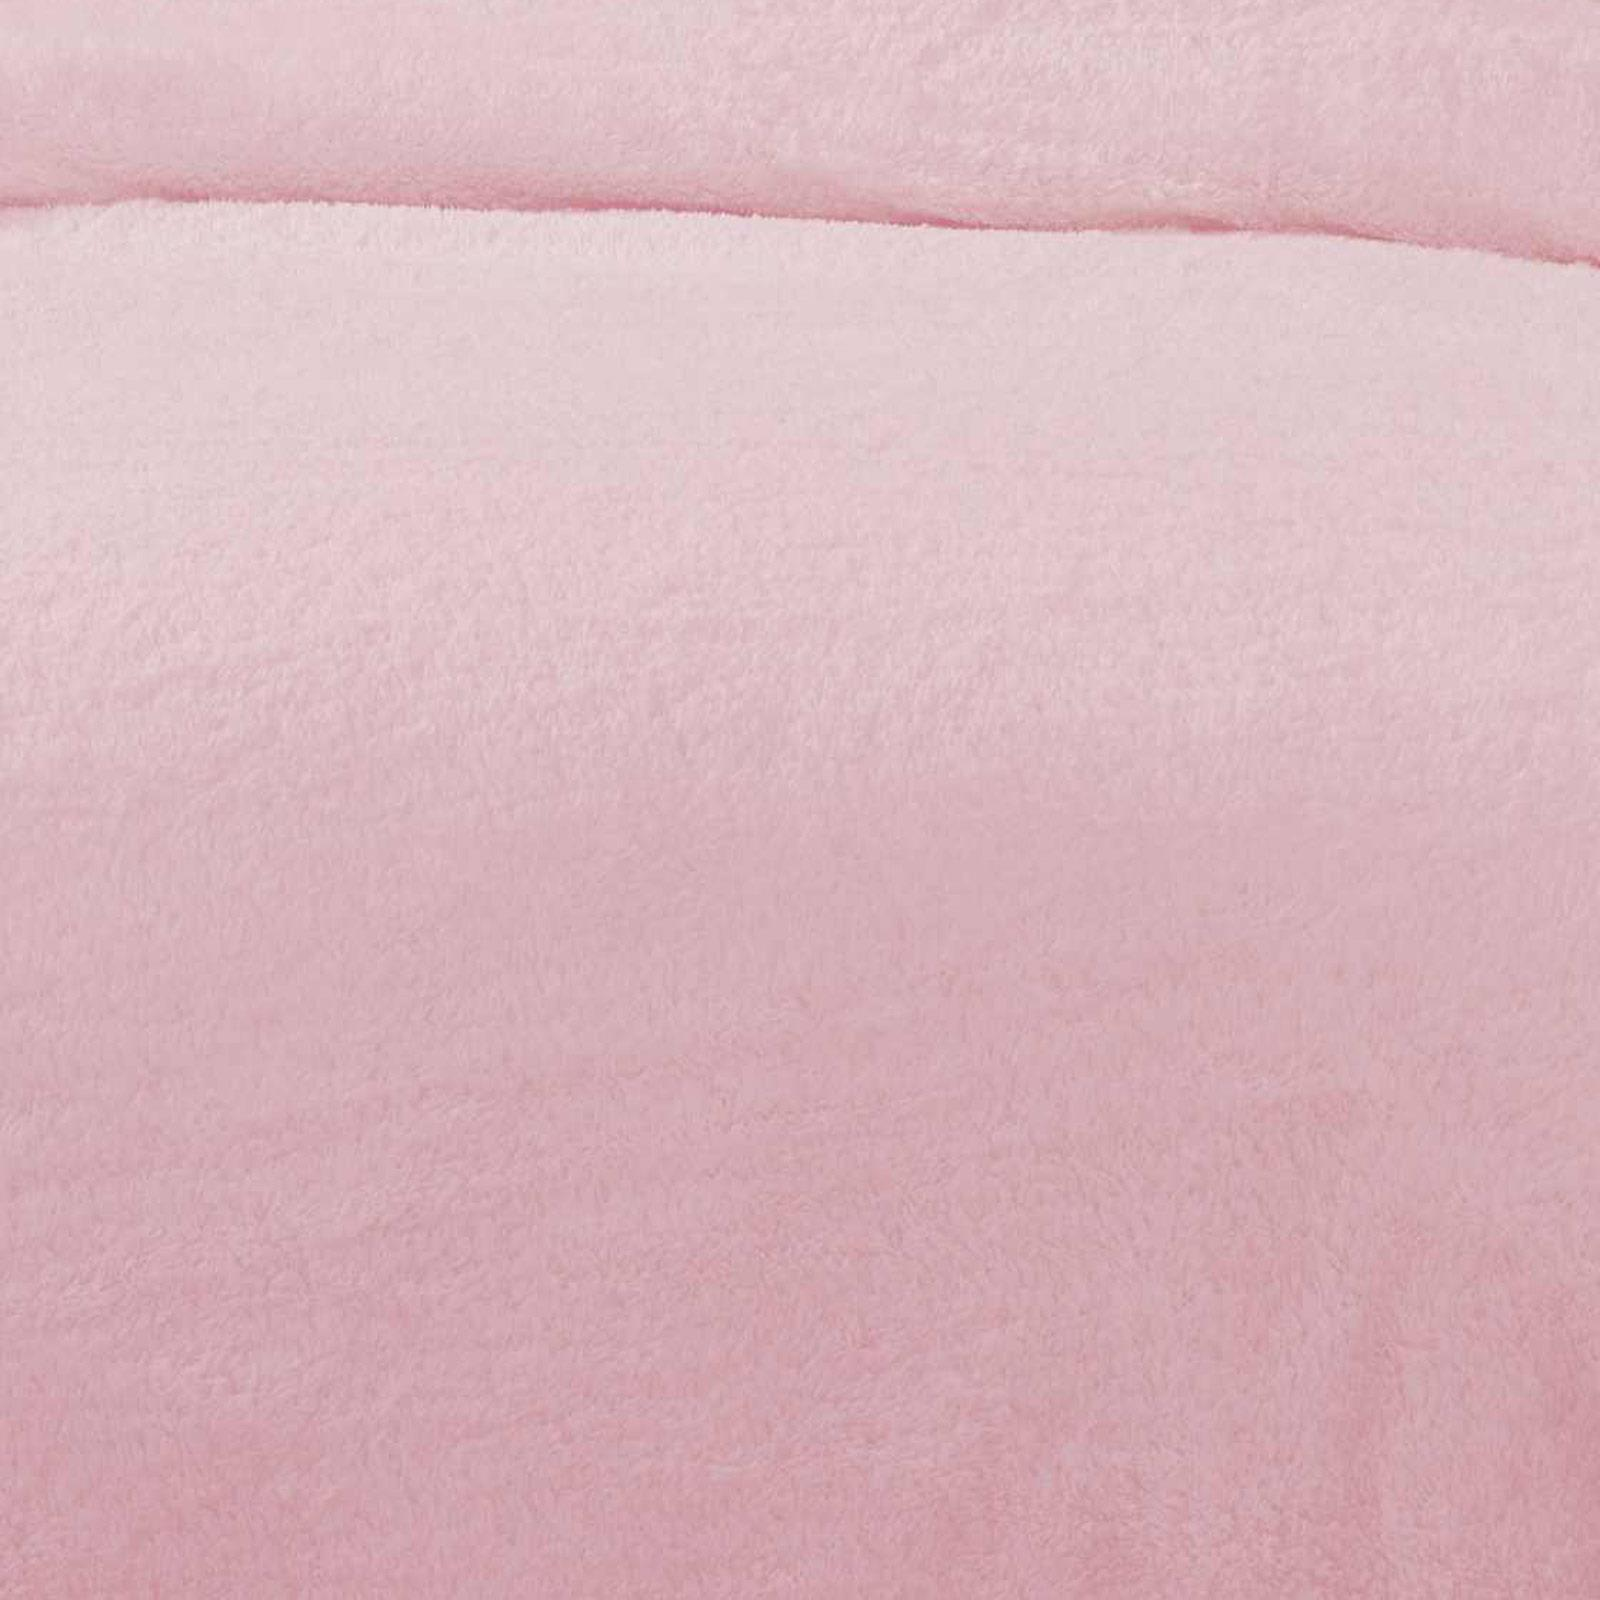 Oso-de-Peluche-de-Fundas-Nordicas-Fleece-Fluffy-Calido-Acogedor-Cubierta-Del-Edredon-Conjuntos-de miniatura 22